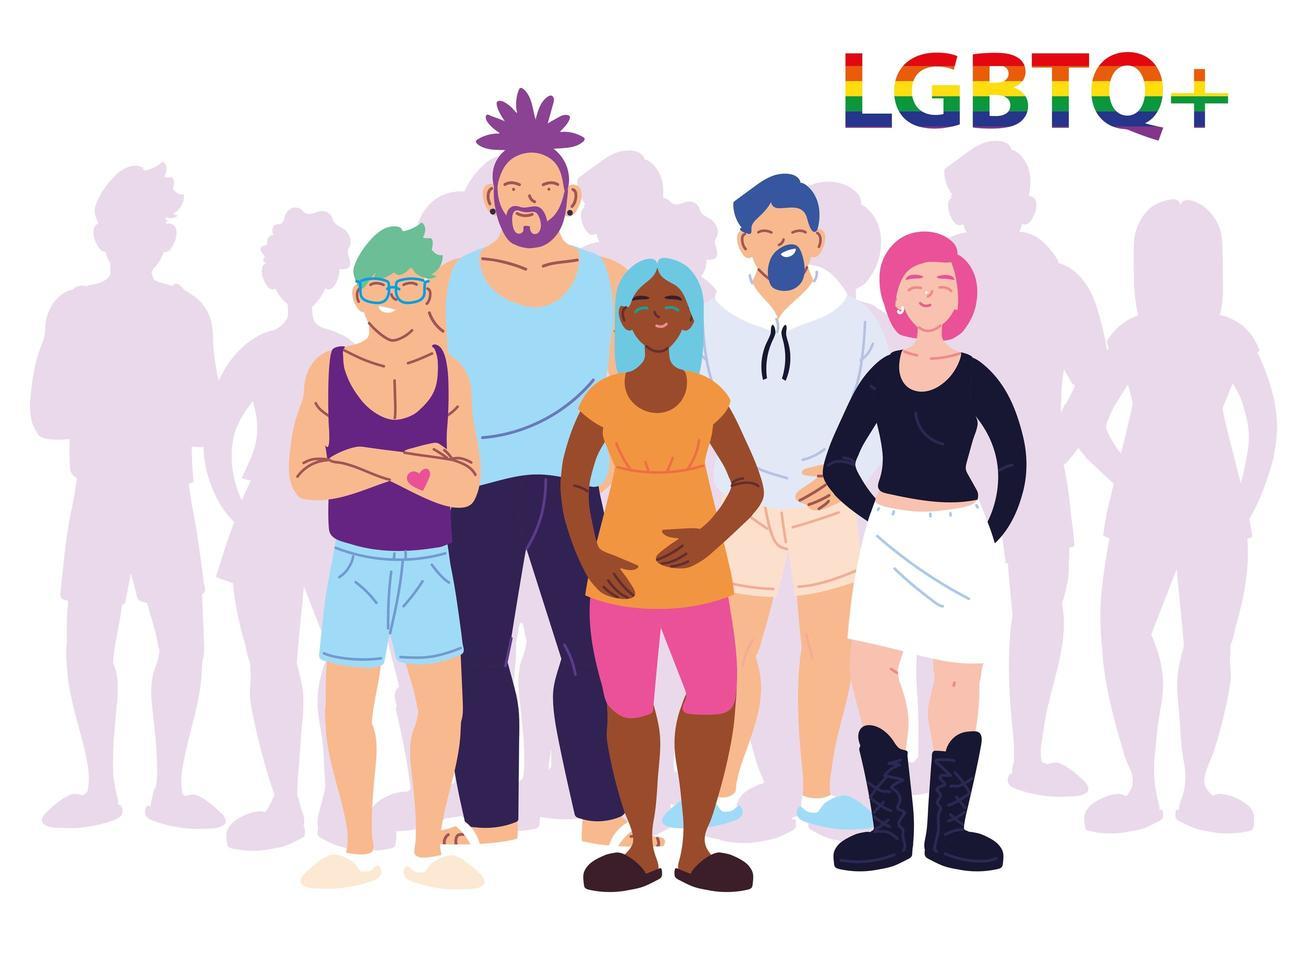 groupe de personnes avec le symbole de la fierté gay lgbtq vecteur